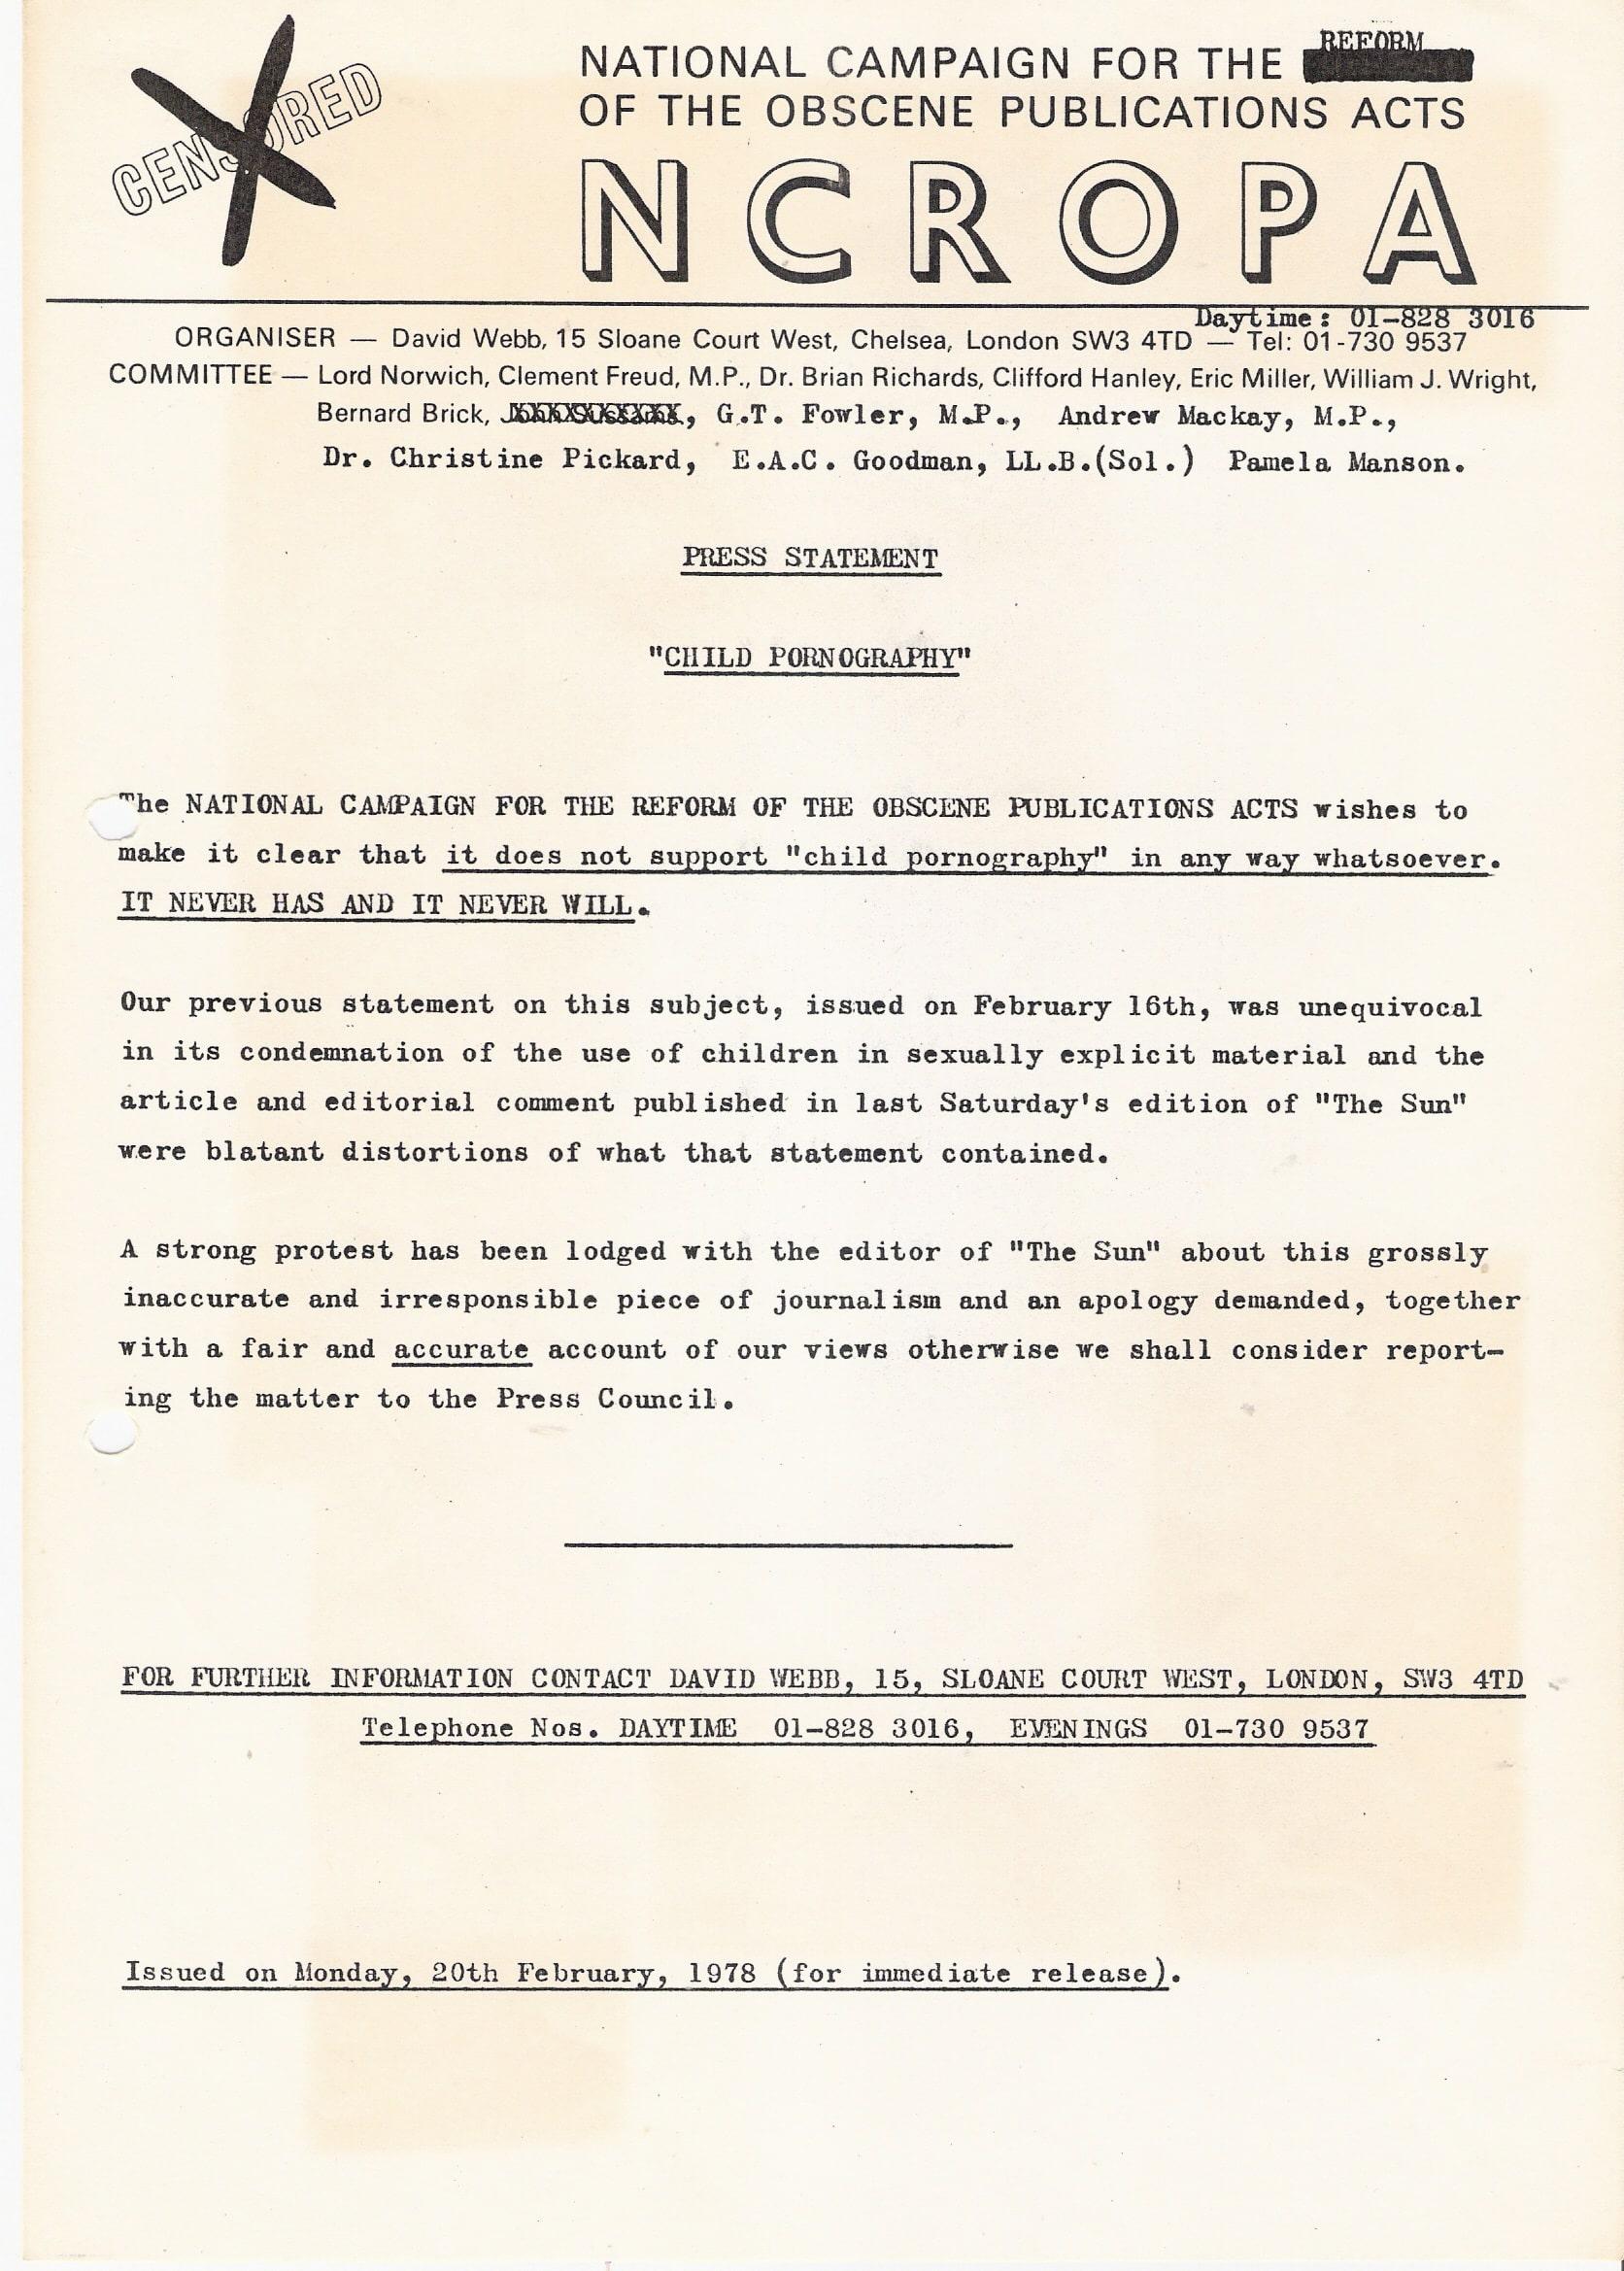 patriotexpressus seductive letter of resignation example